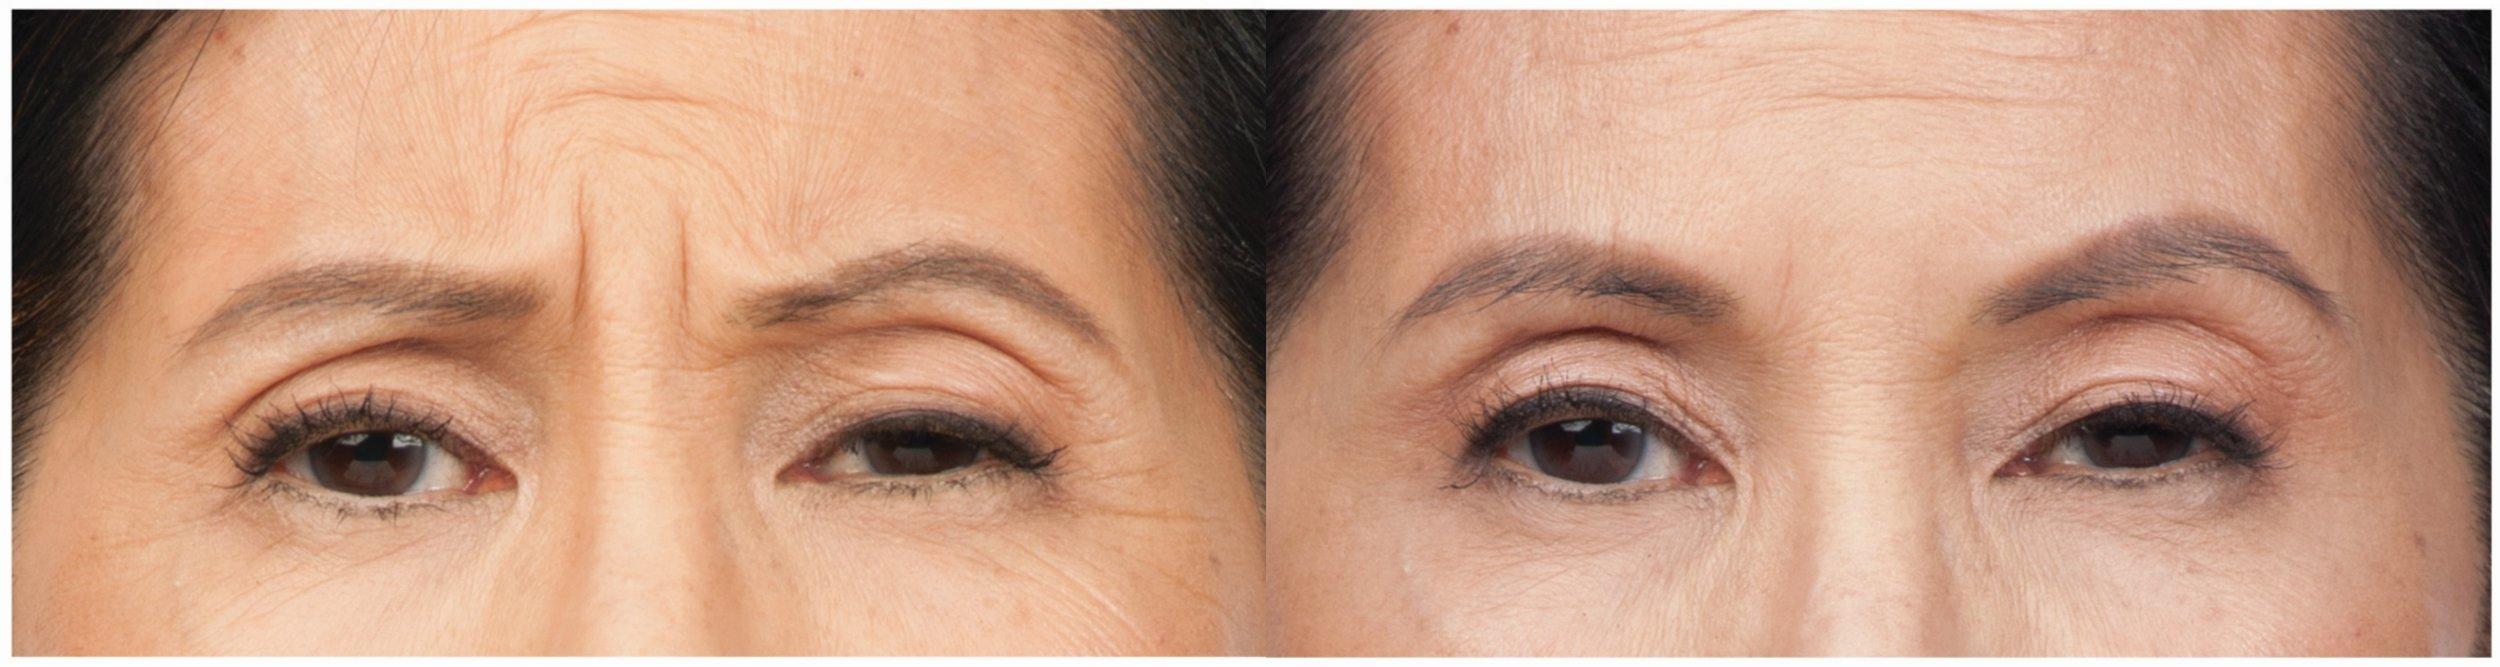 botox-frown-lines-wrinkles-woman.jpg